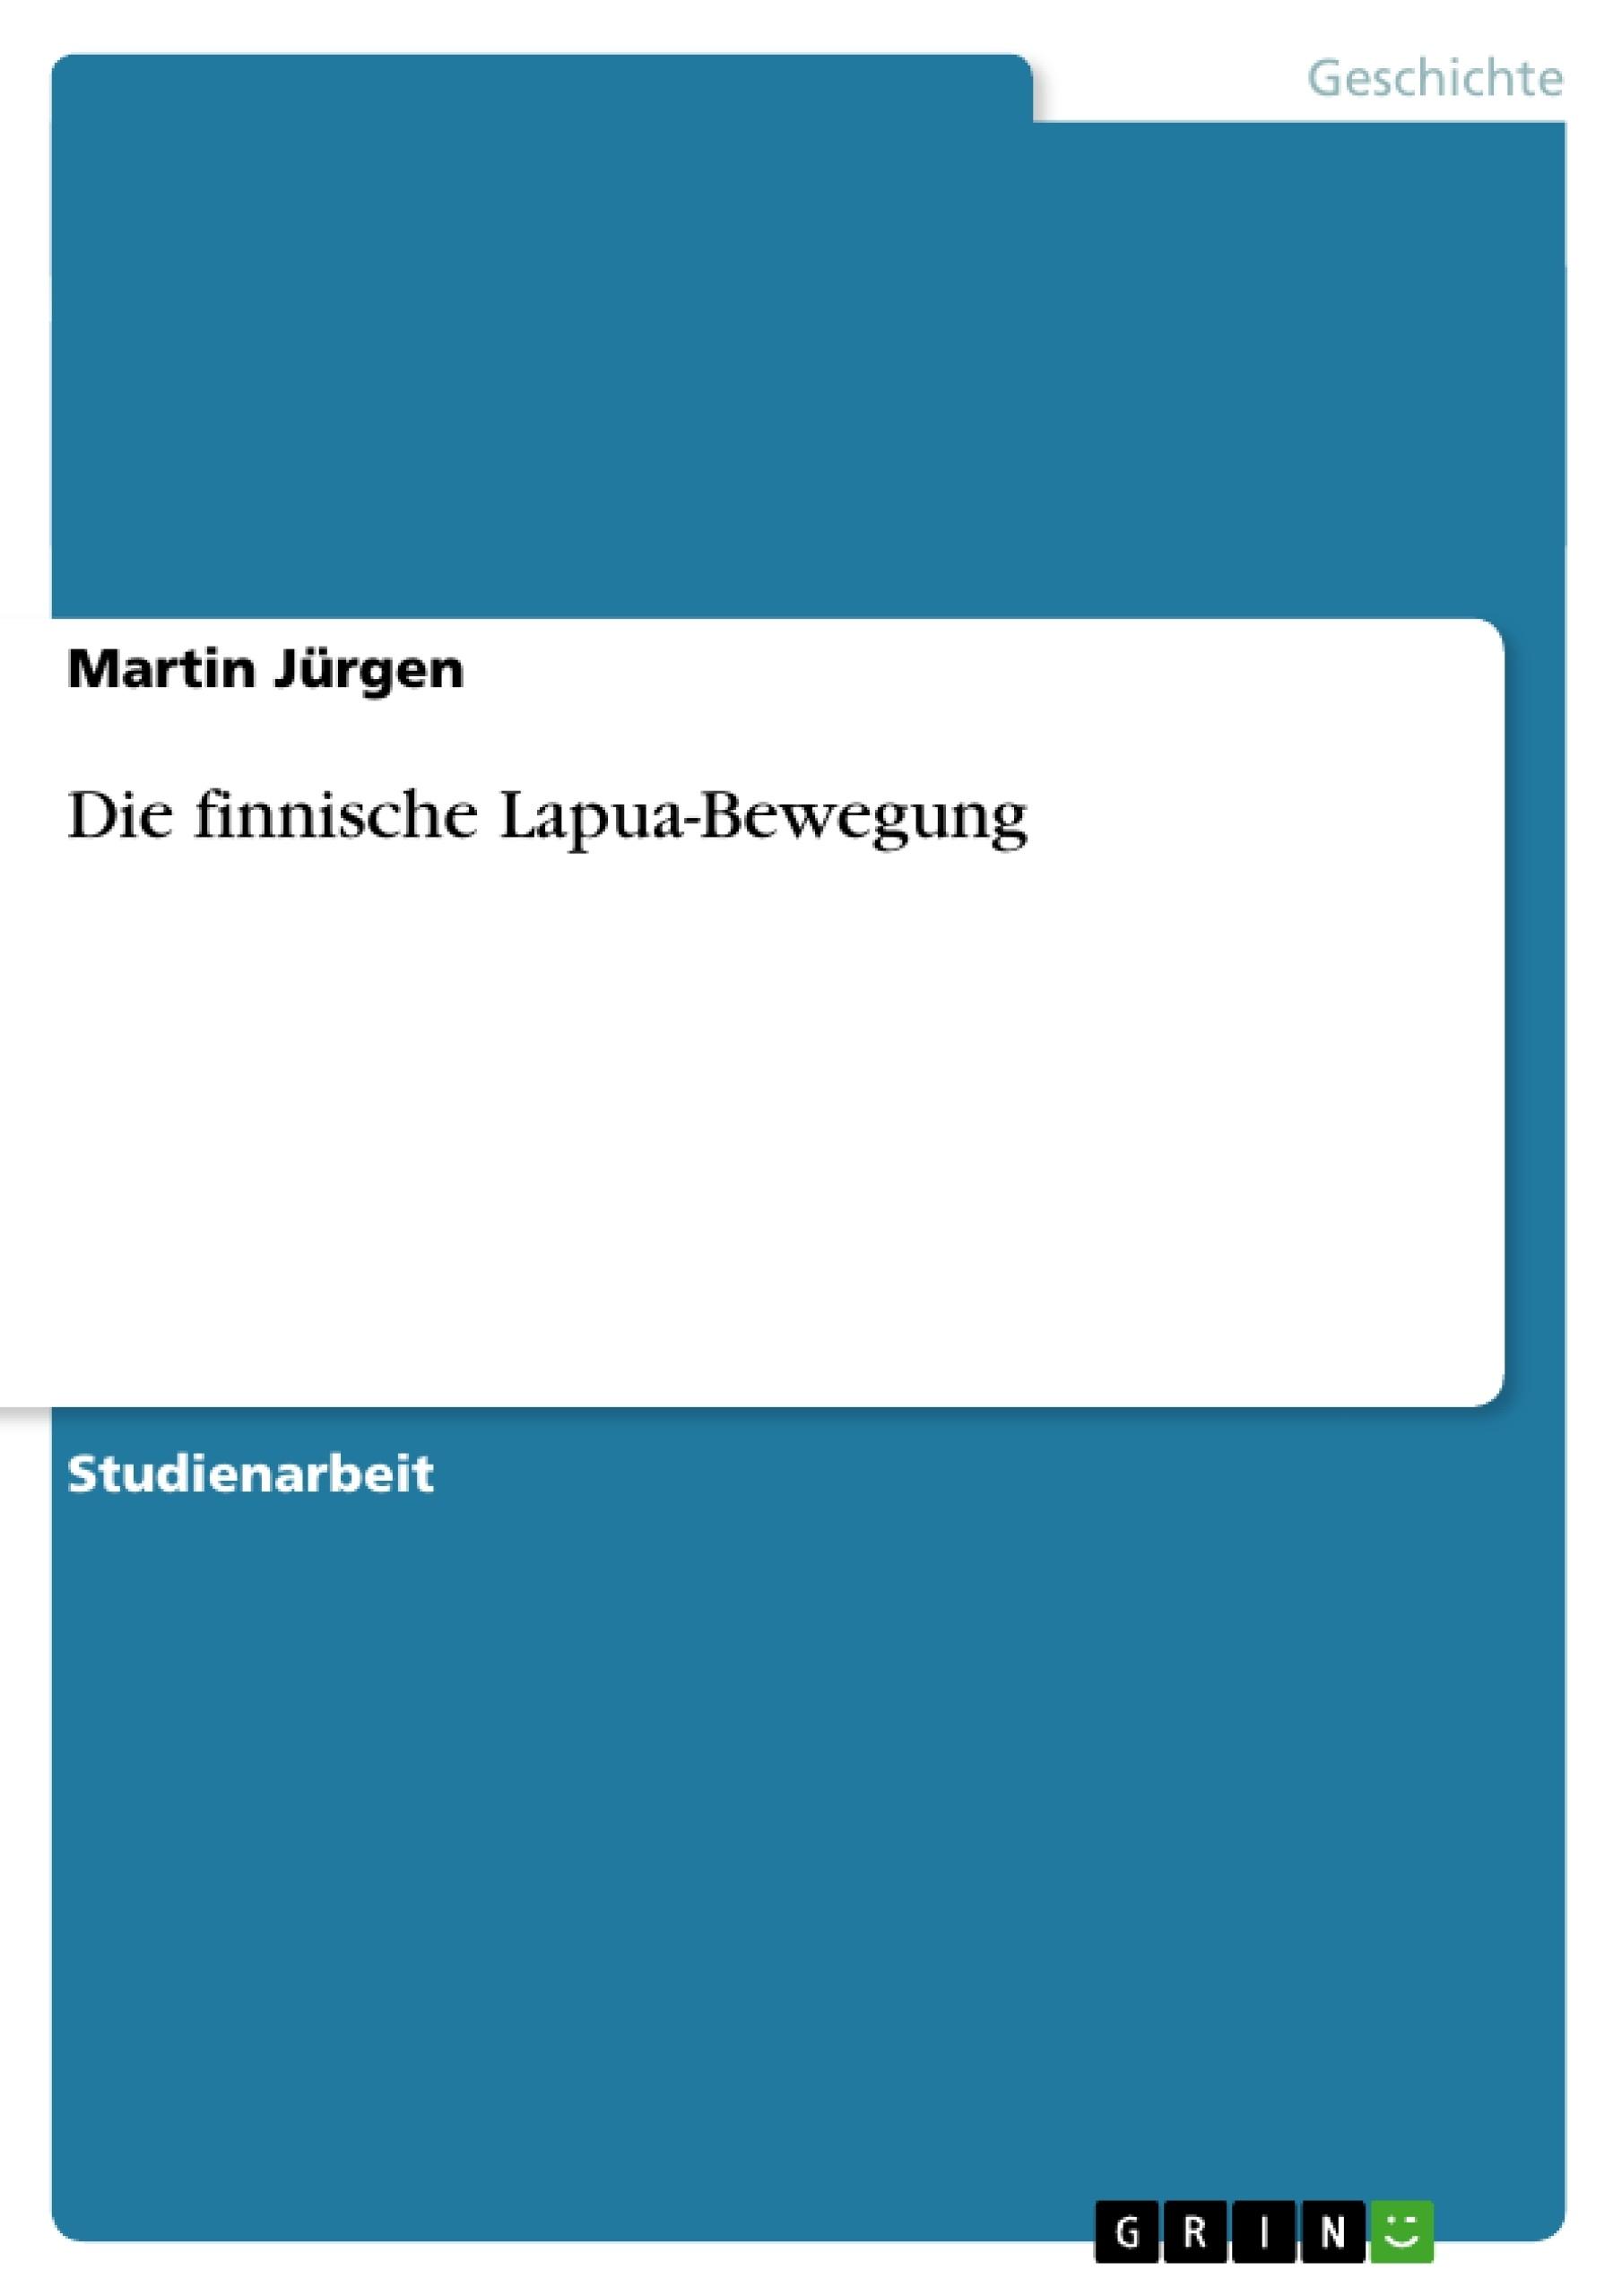 Titel: Die finnische Lapua-Bewegung